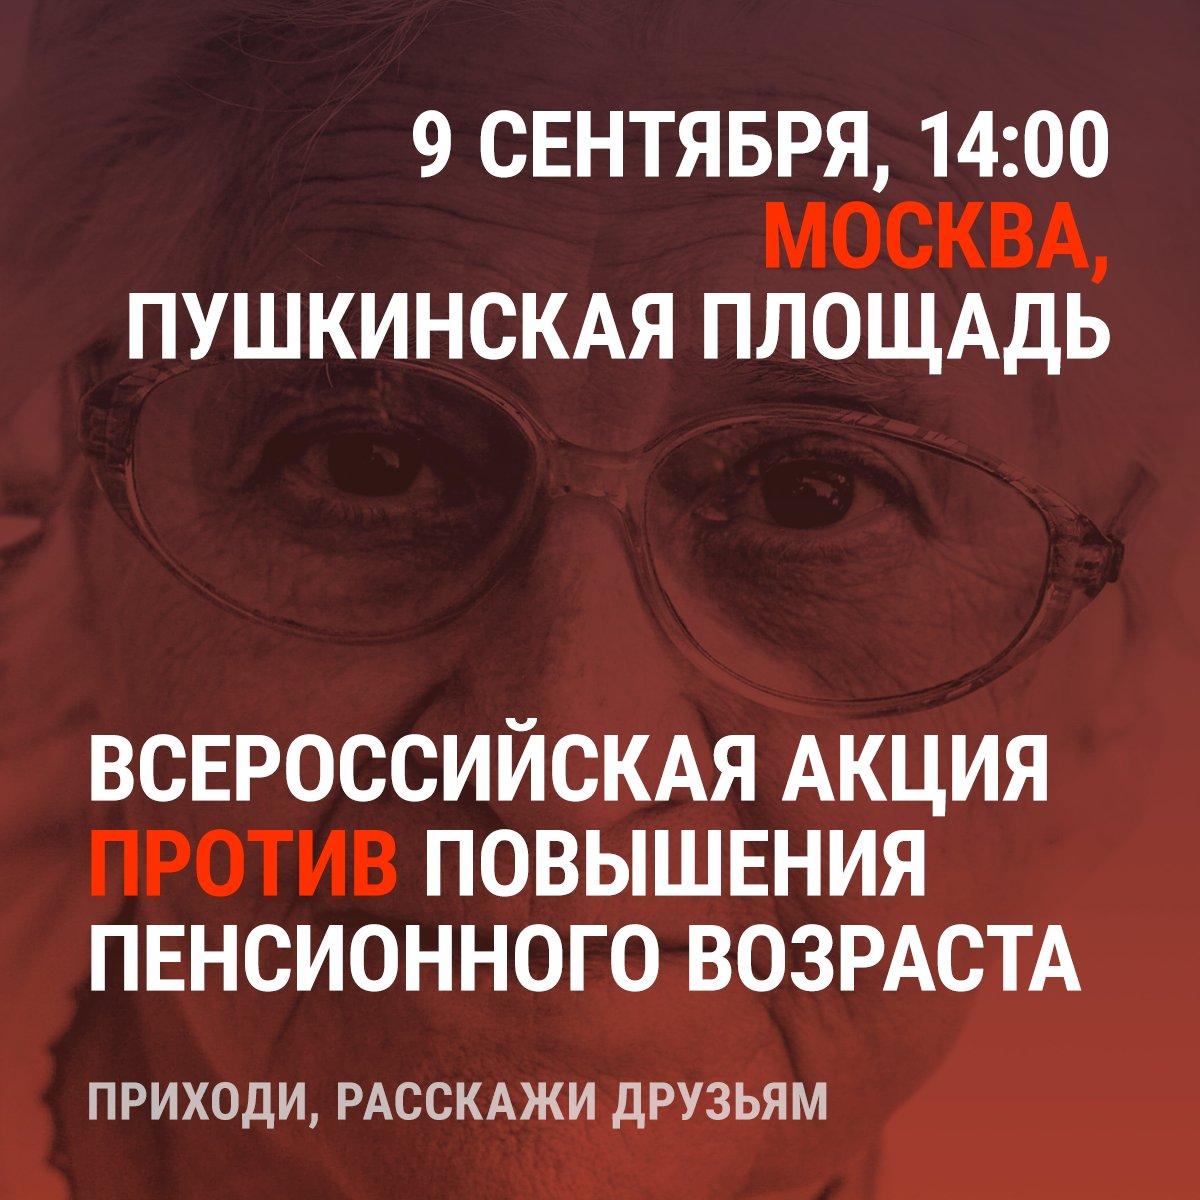 Россия в очередной раз заблокировала мониторинг неконтролируемого участка российско-украинской границы миссией ОБСЕ , - МИД - Цензор.НЕТ 239